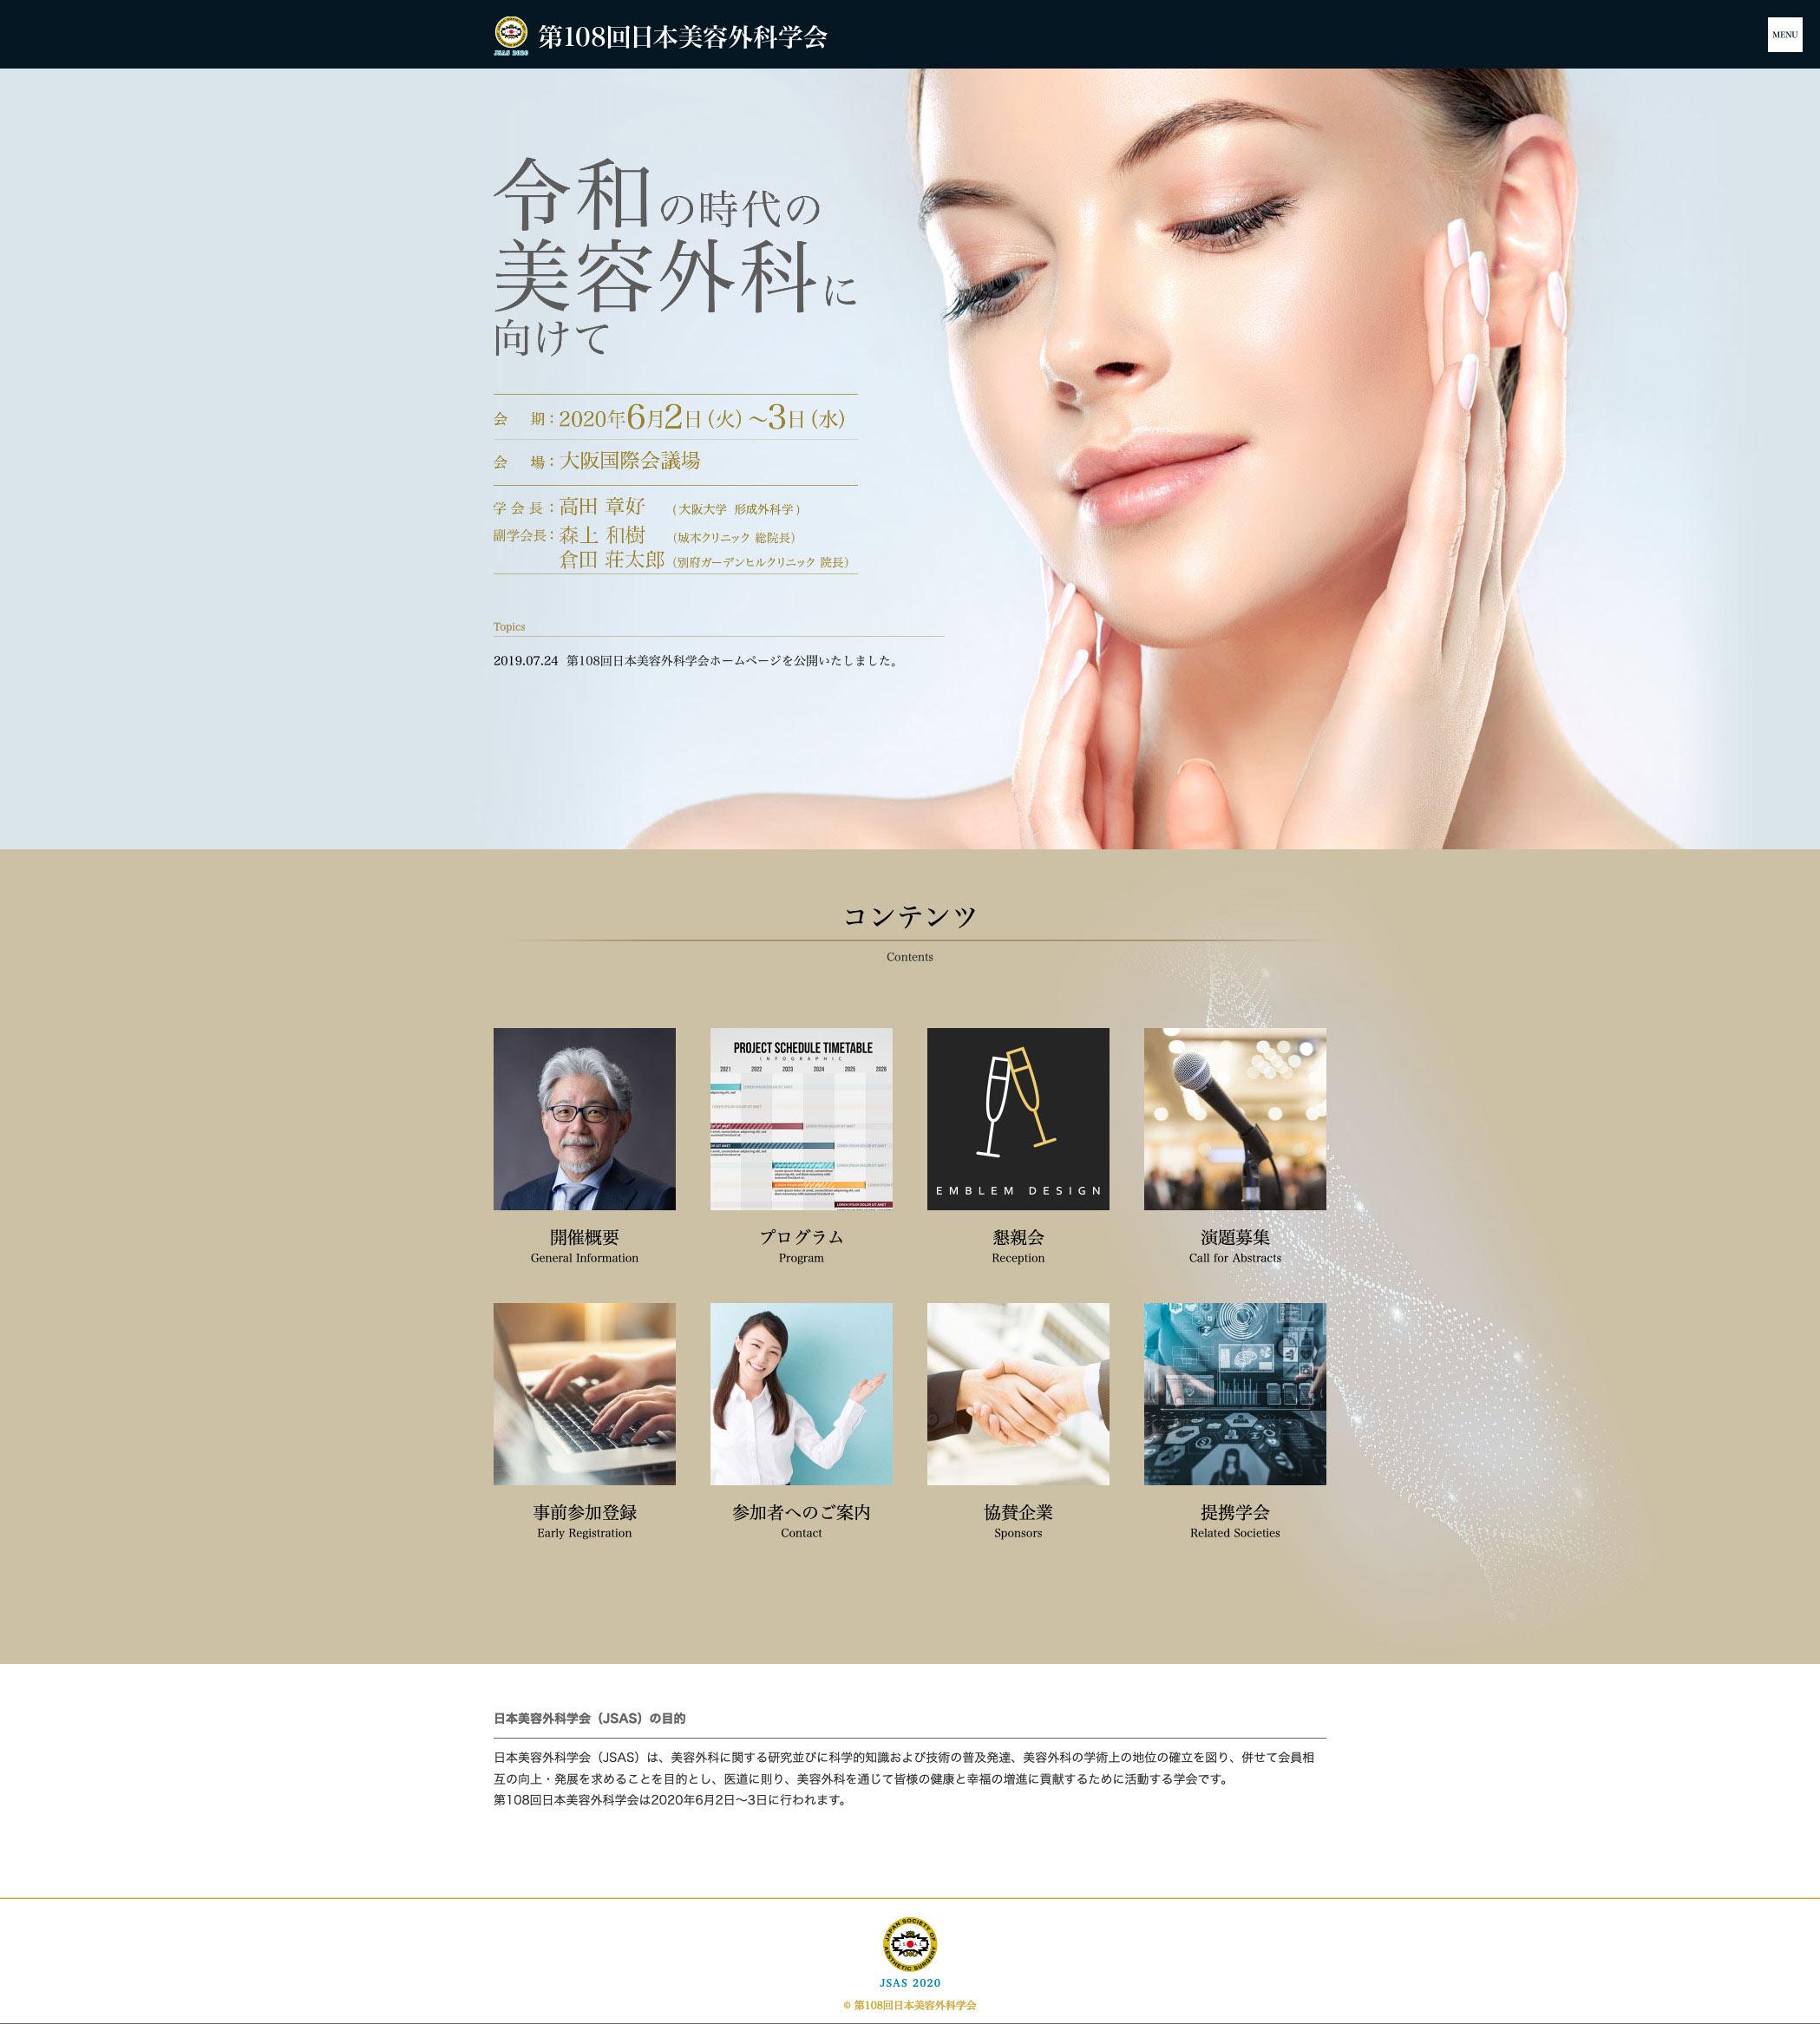 第108回日本美容外科学会「令和の時代の美容外科に向けて」